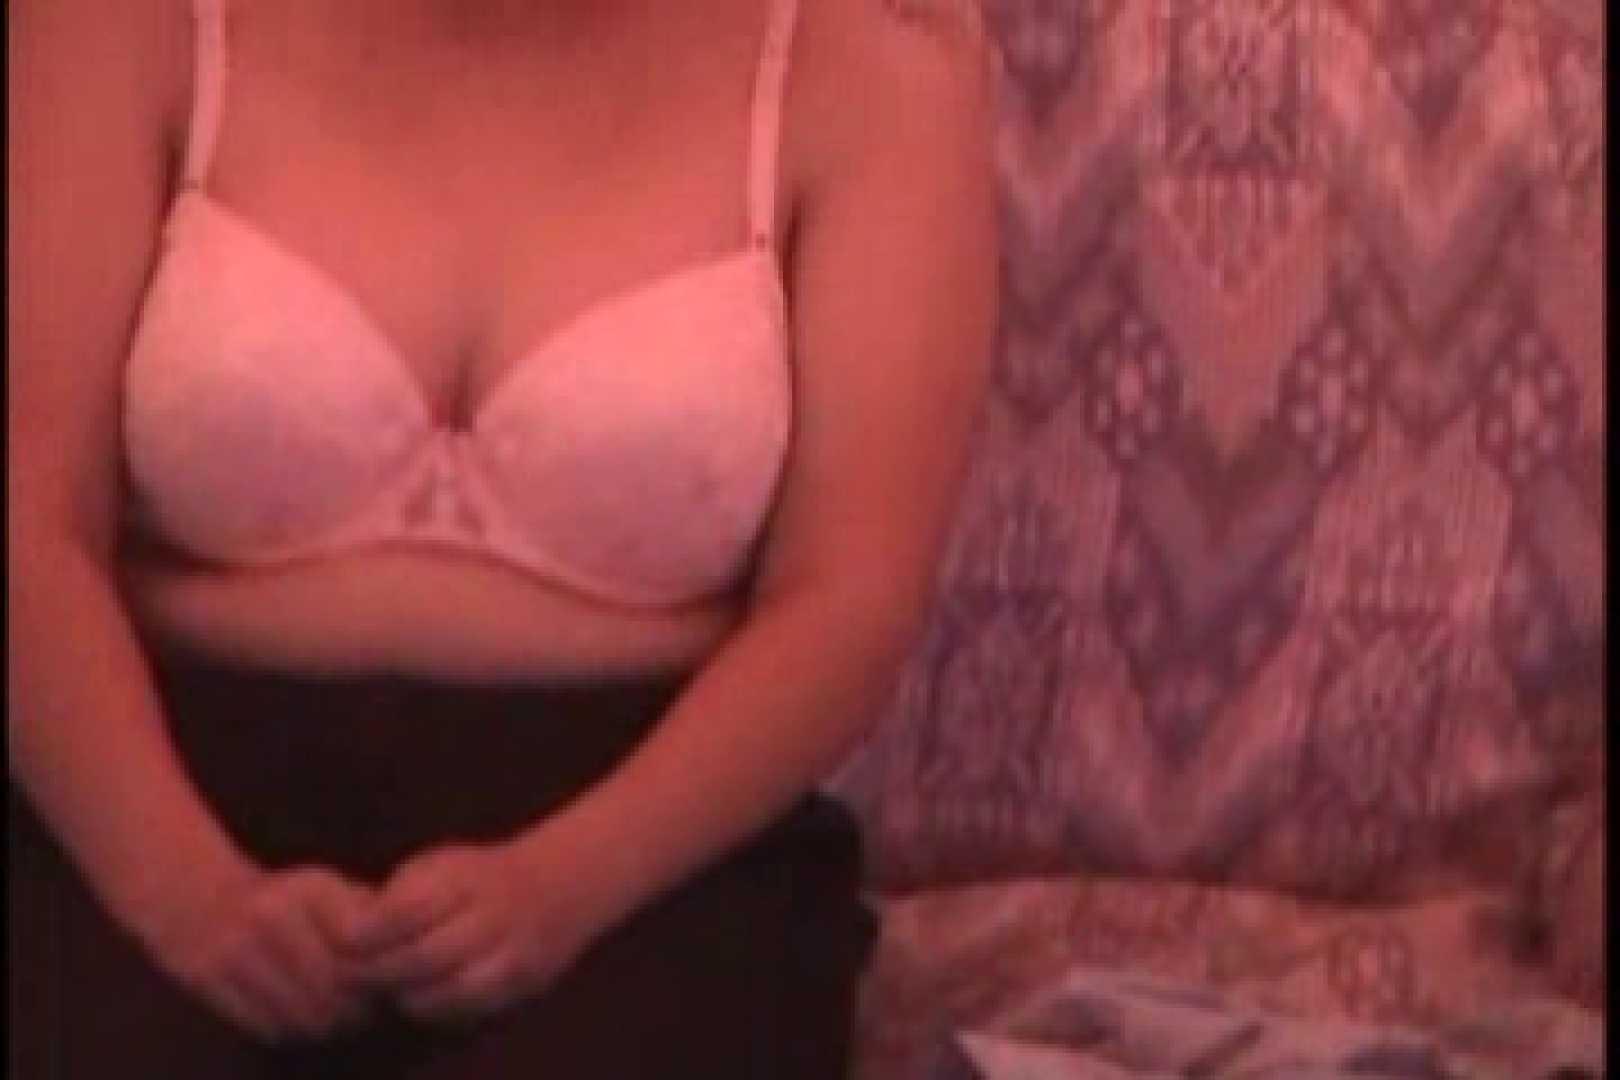 長野援助 かおりちゃん18歳 ギャル達のおっぱい | 一般投稿  87画像 12